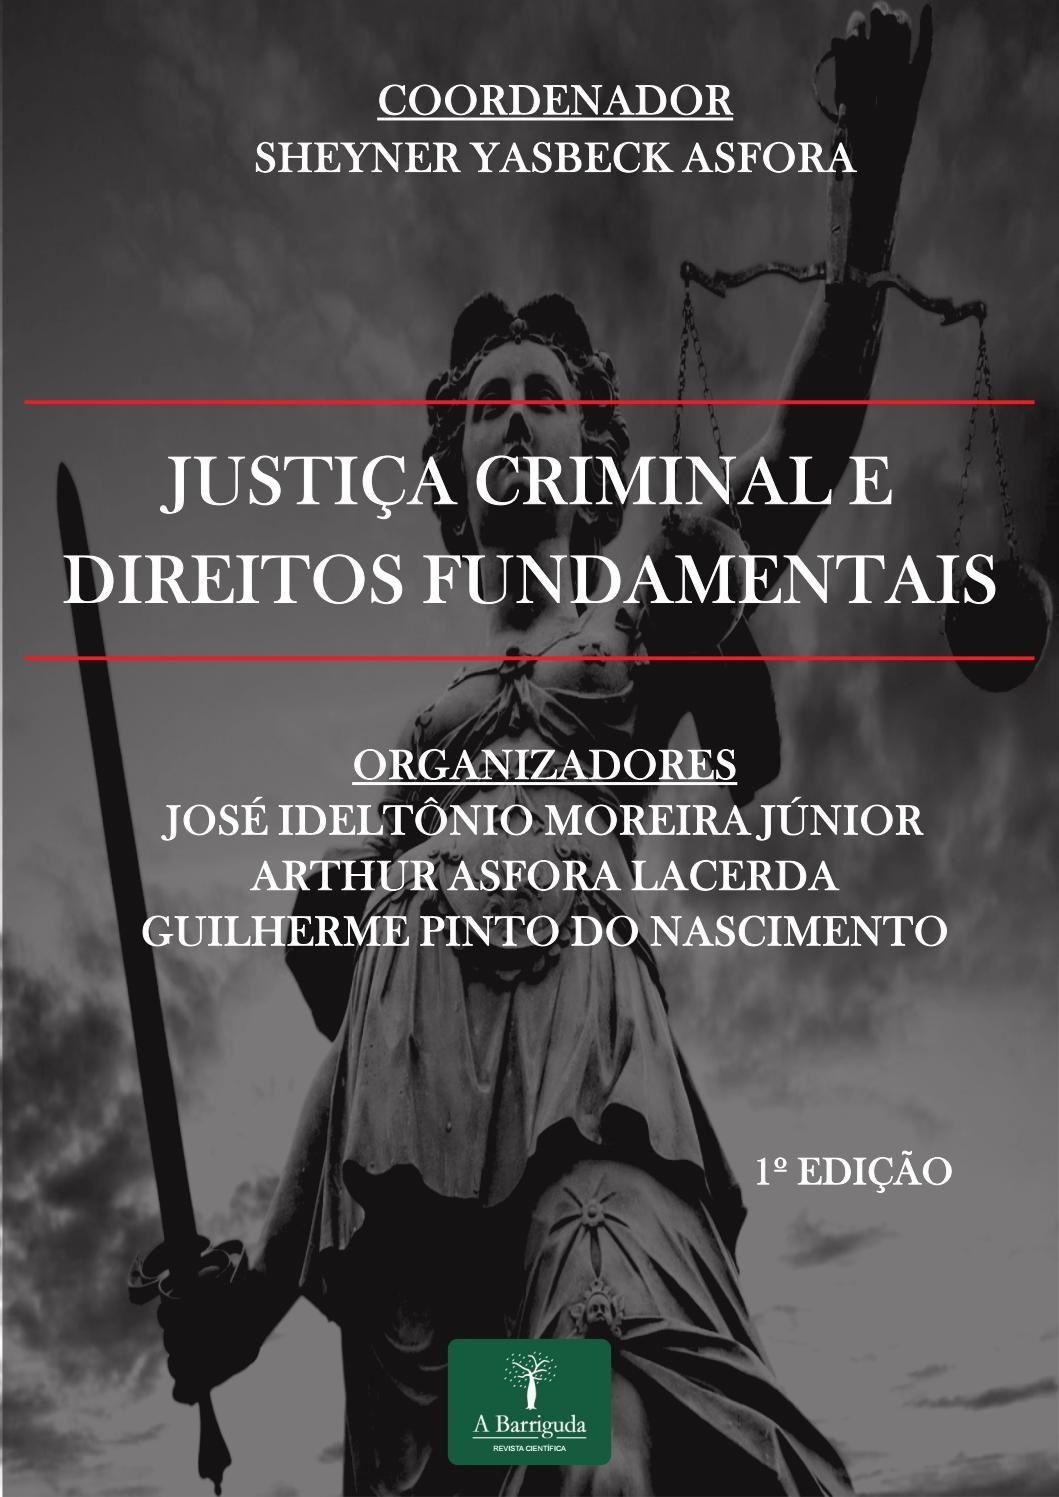 JUSTIÇA CRIMINAL E DIREITOS FUNDAMENTAIS by abarriguda - issuu